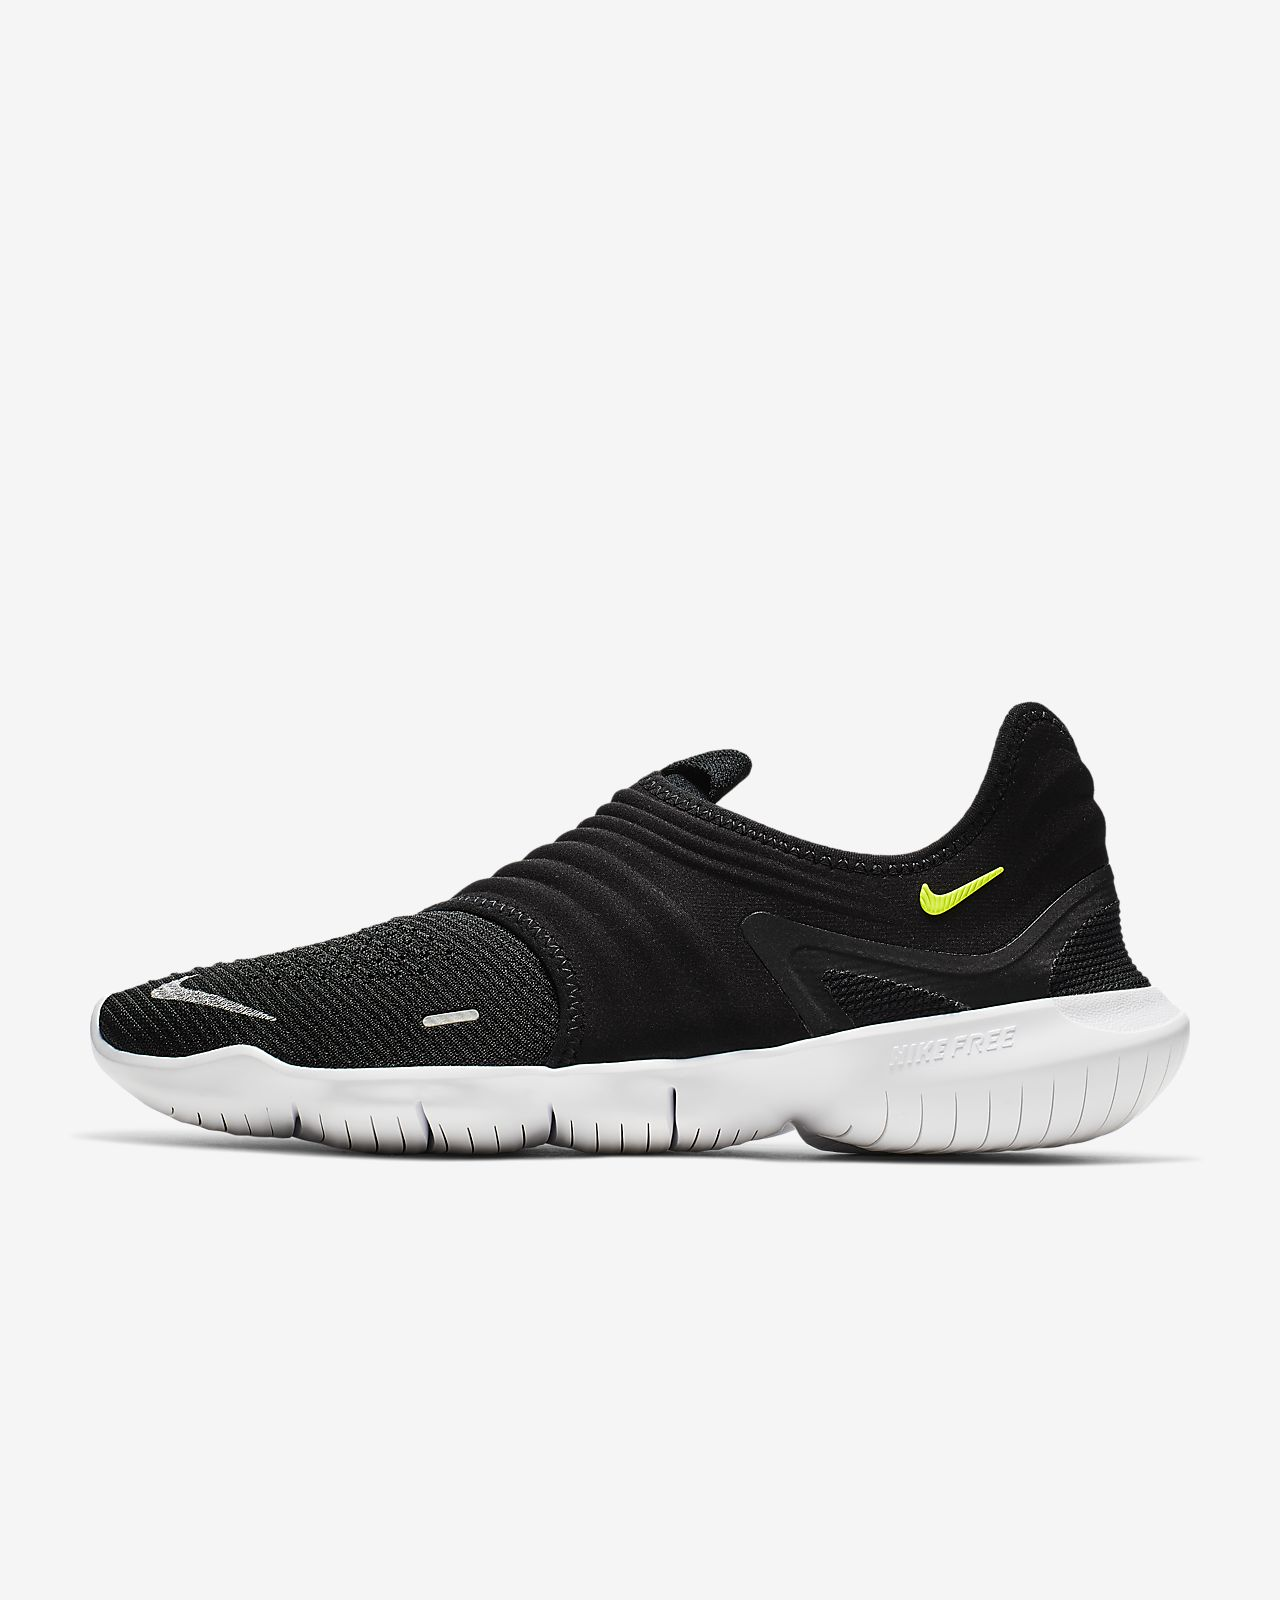 Nike Free RN Flyknit 3.0 Men's Running Shoe